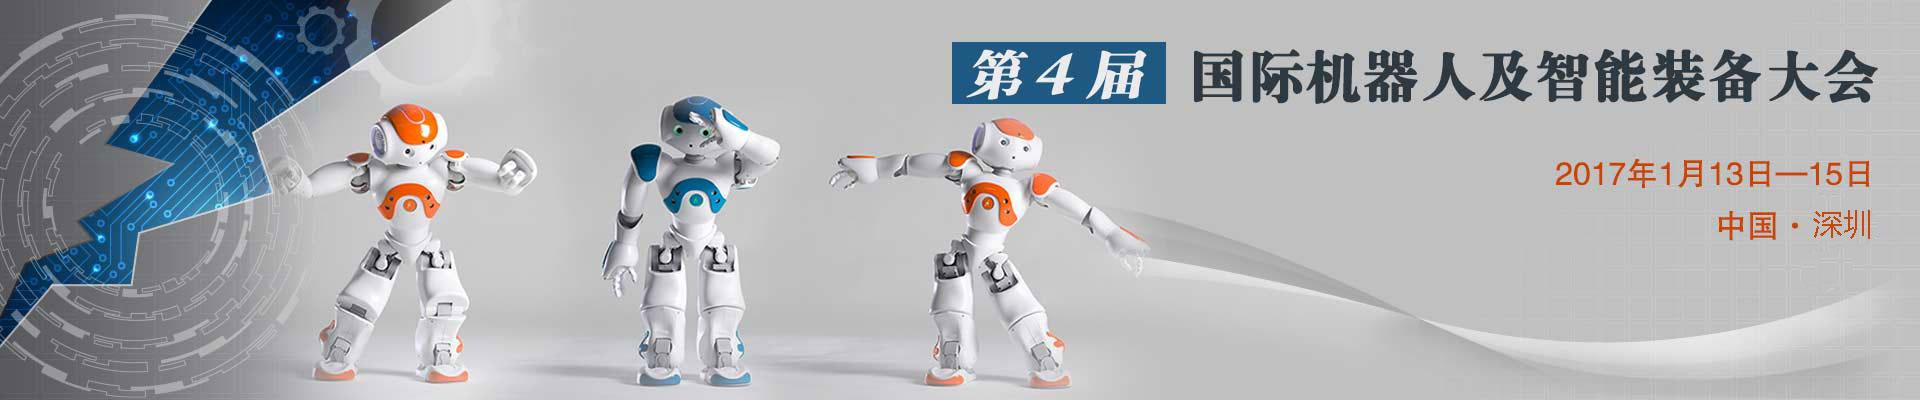 2017(深圳)第四届国际机器人及智能装备大会(1/13-15)